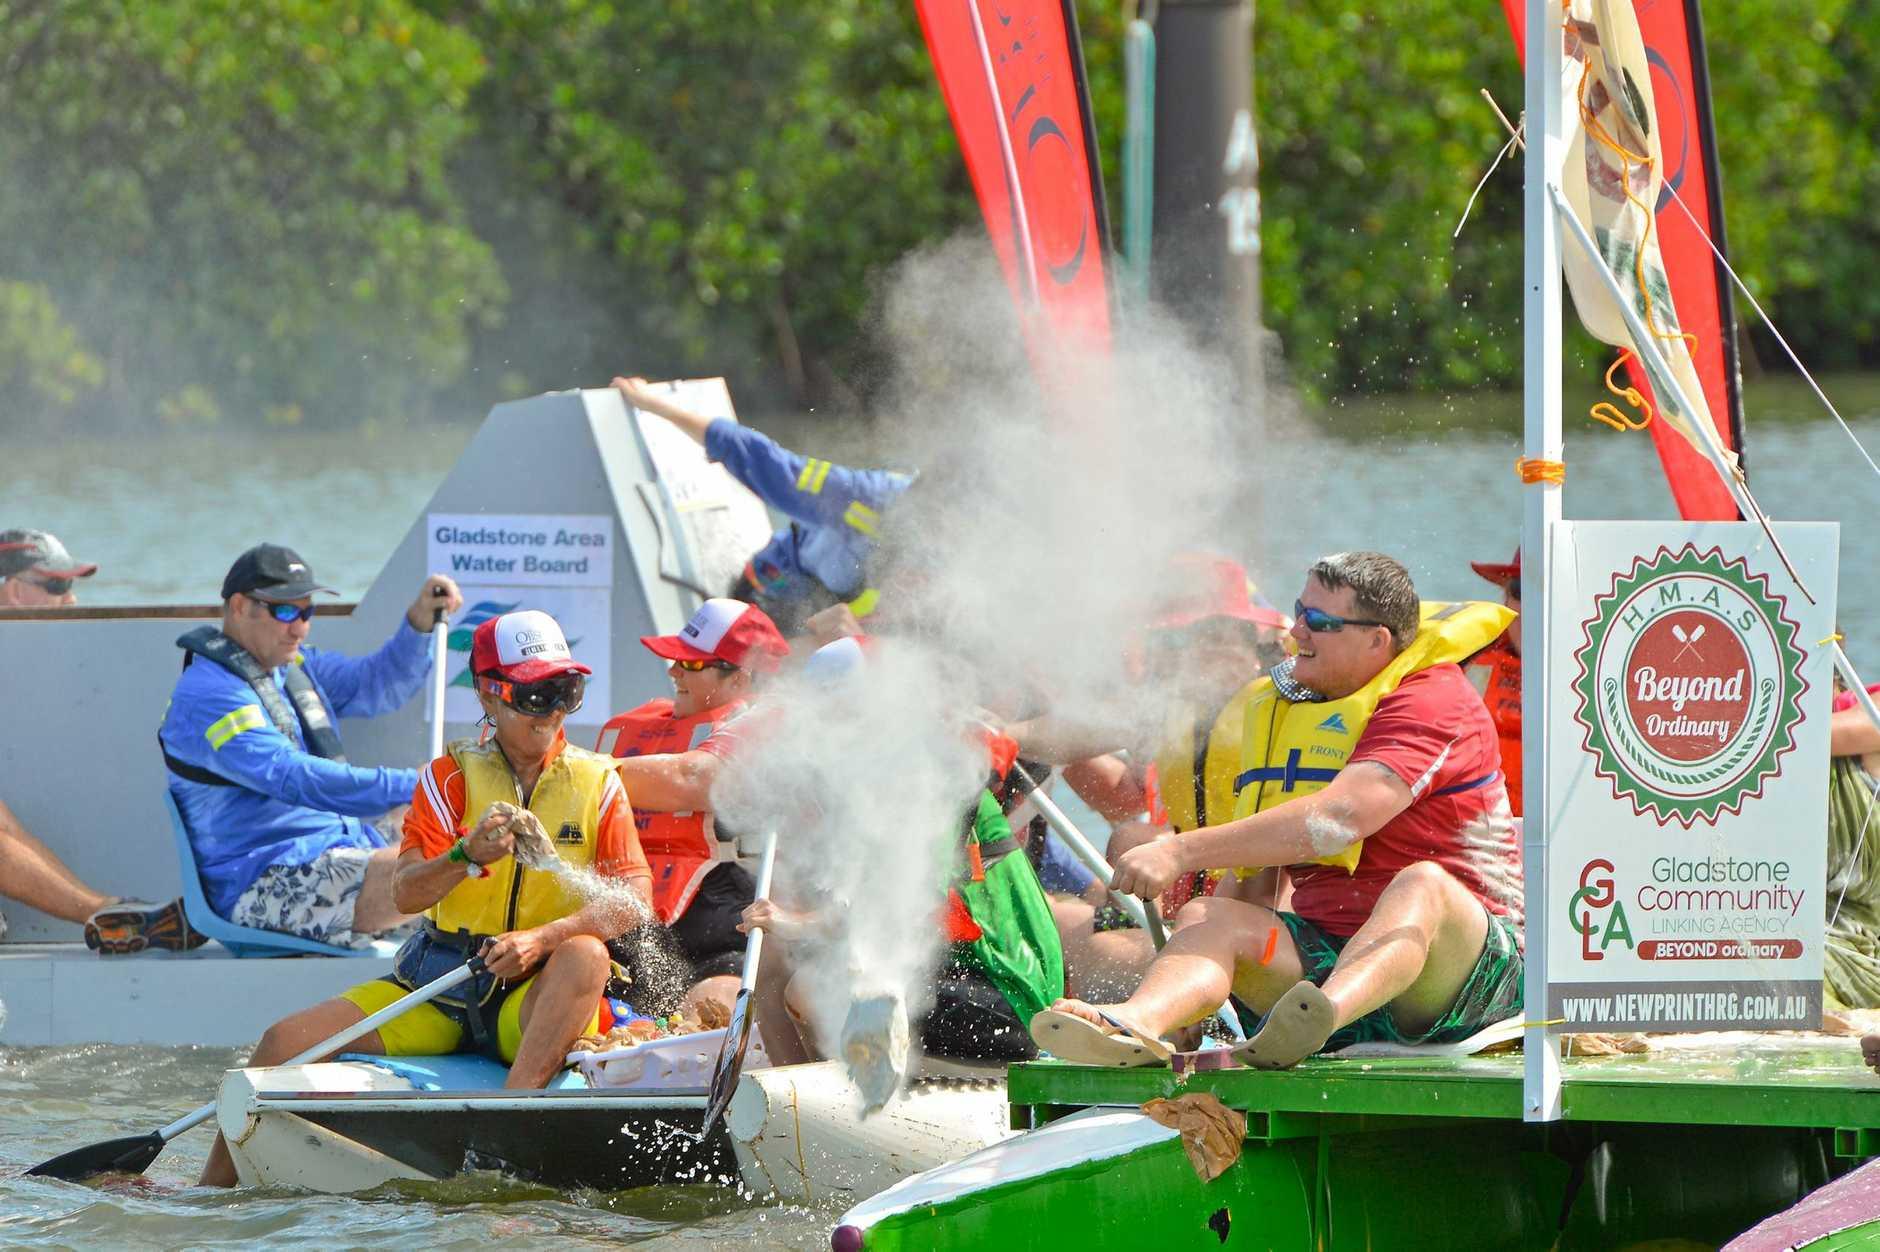 FUN TIMES: The 2017 Gladstone Harbour Festival Great Raft Regatta.